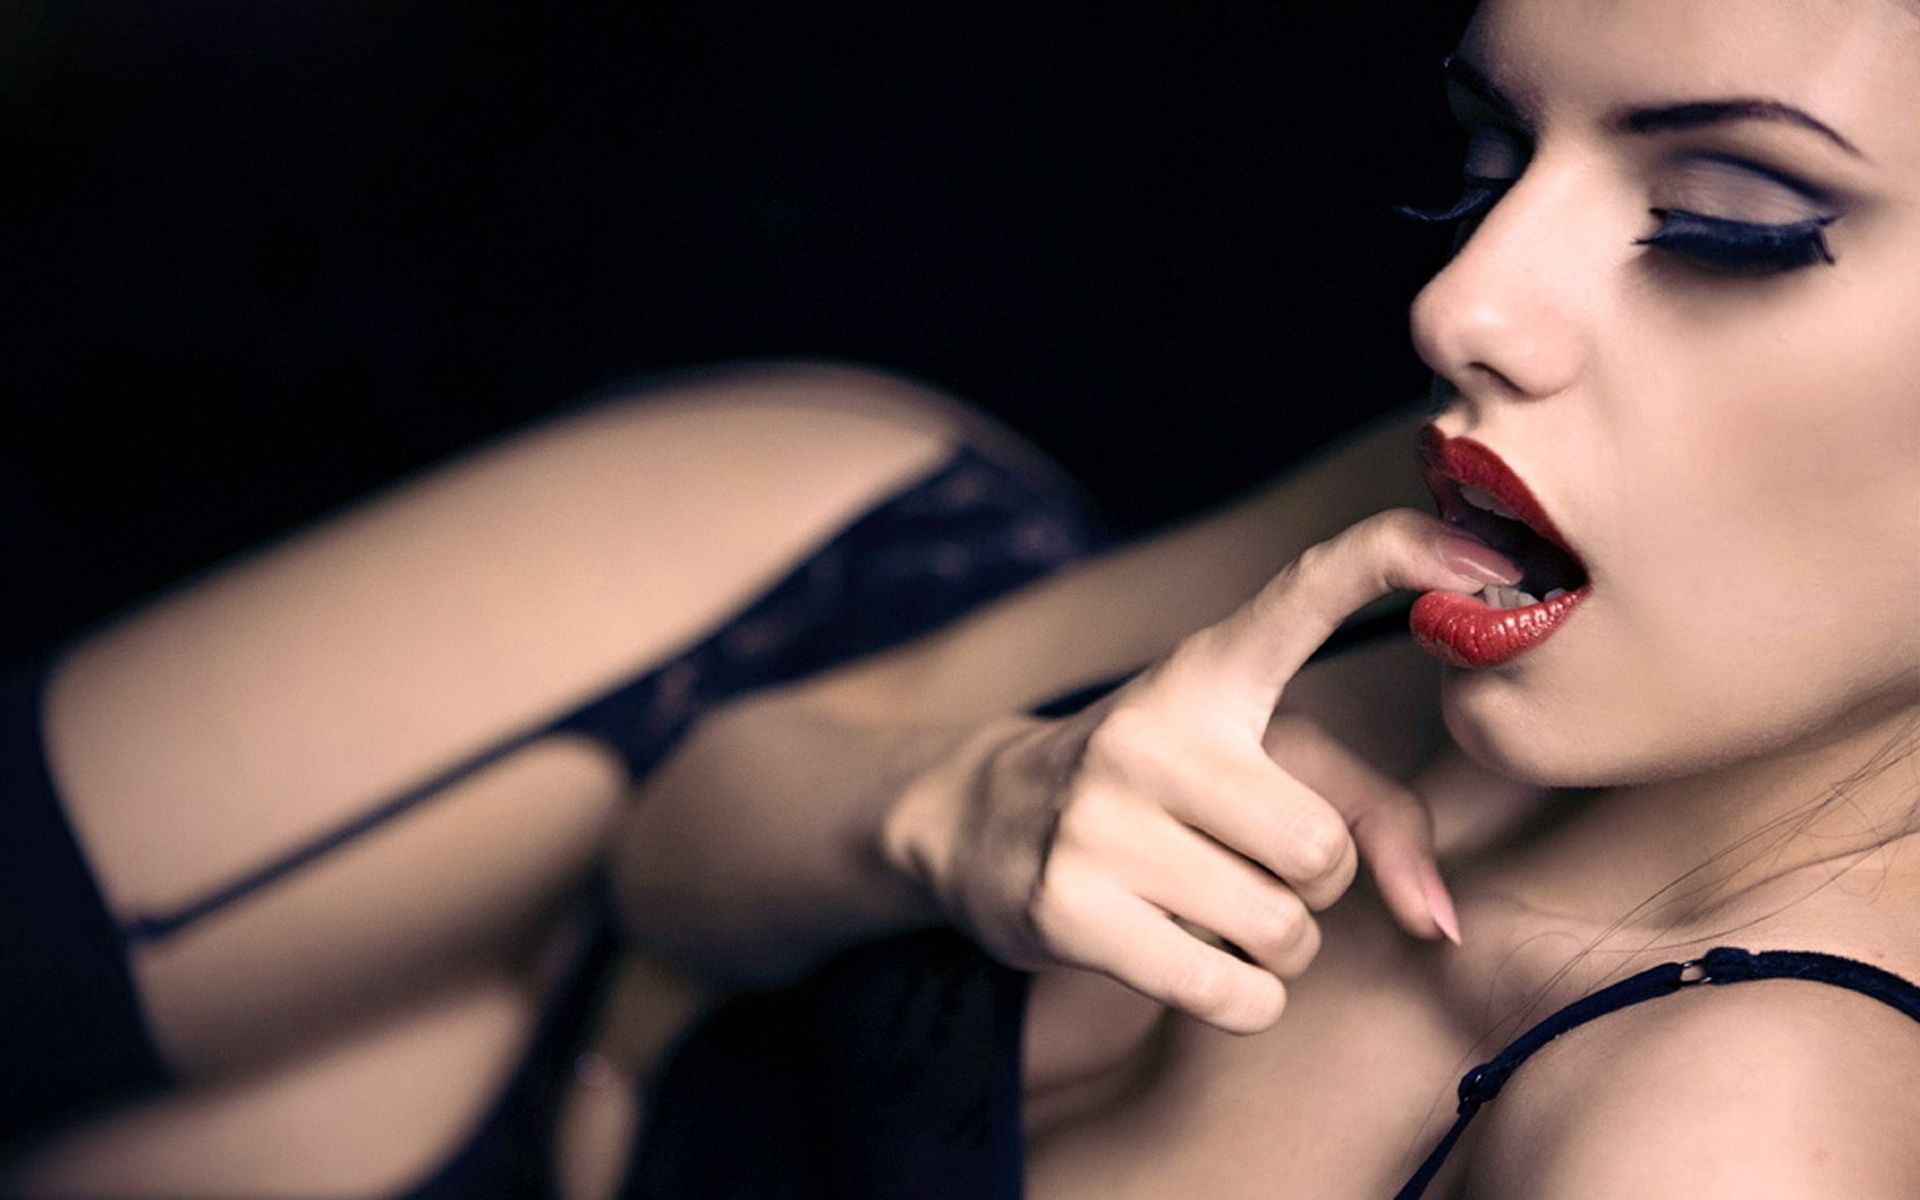 удовольствие жене языком сосал, дрочил